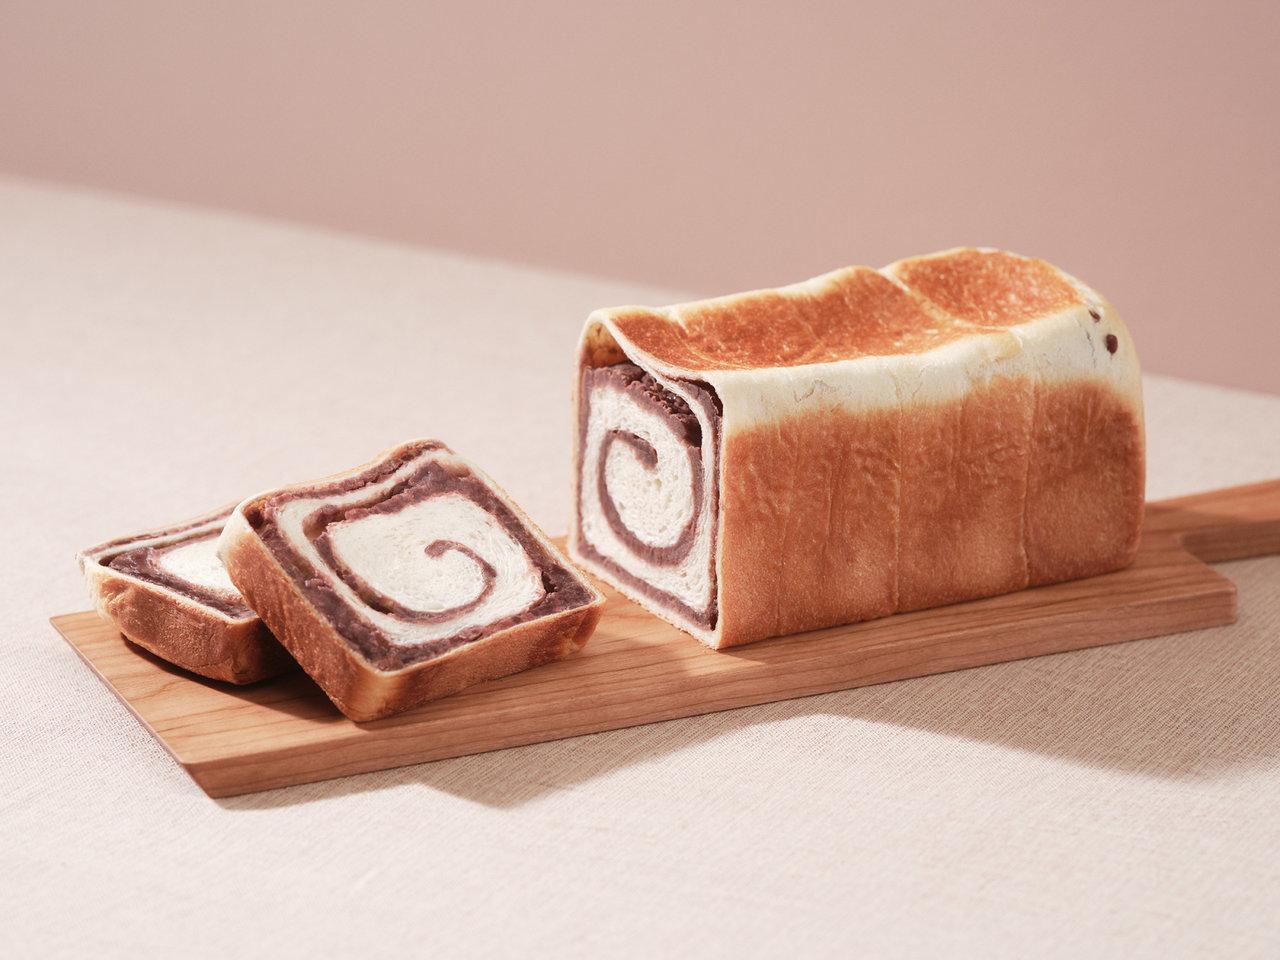 おいしい「あん食パン」と「フルーツあんサンド」|明壽庵が東京・東十条にオープン!